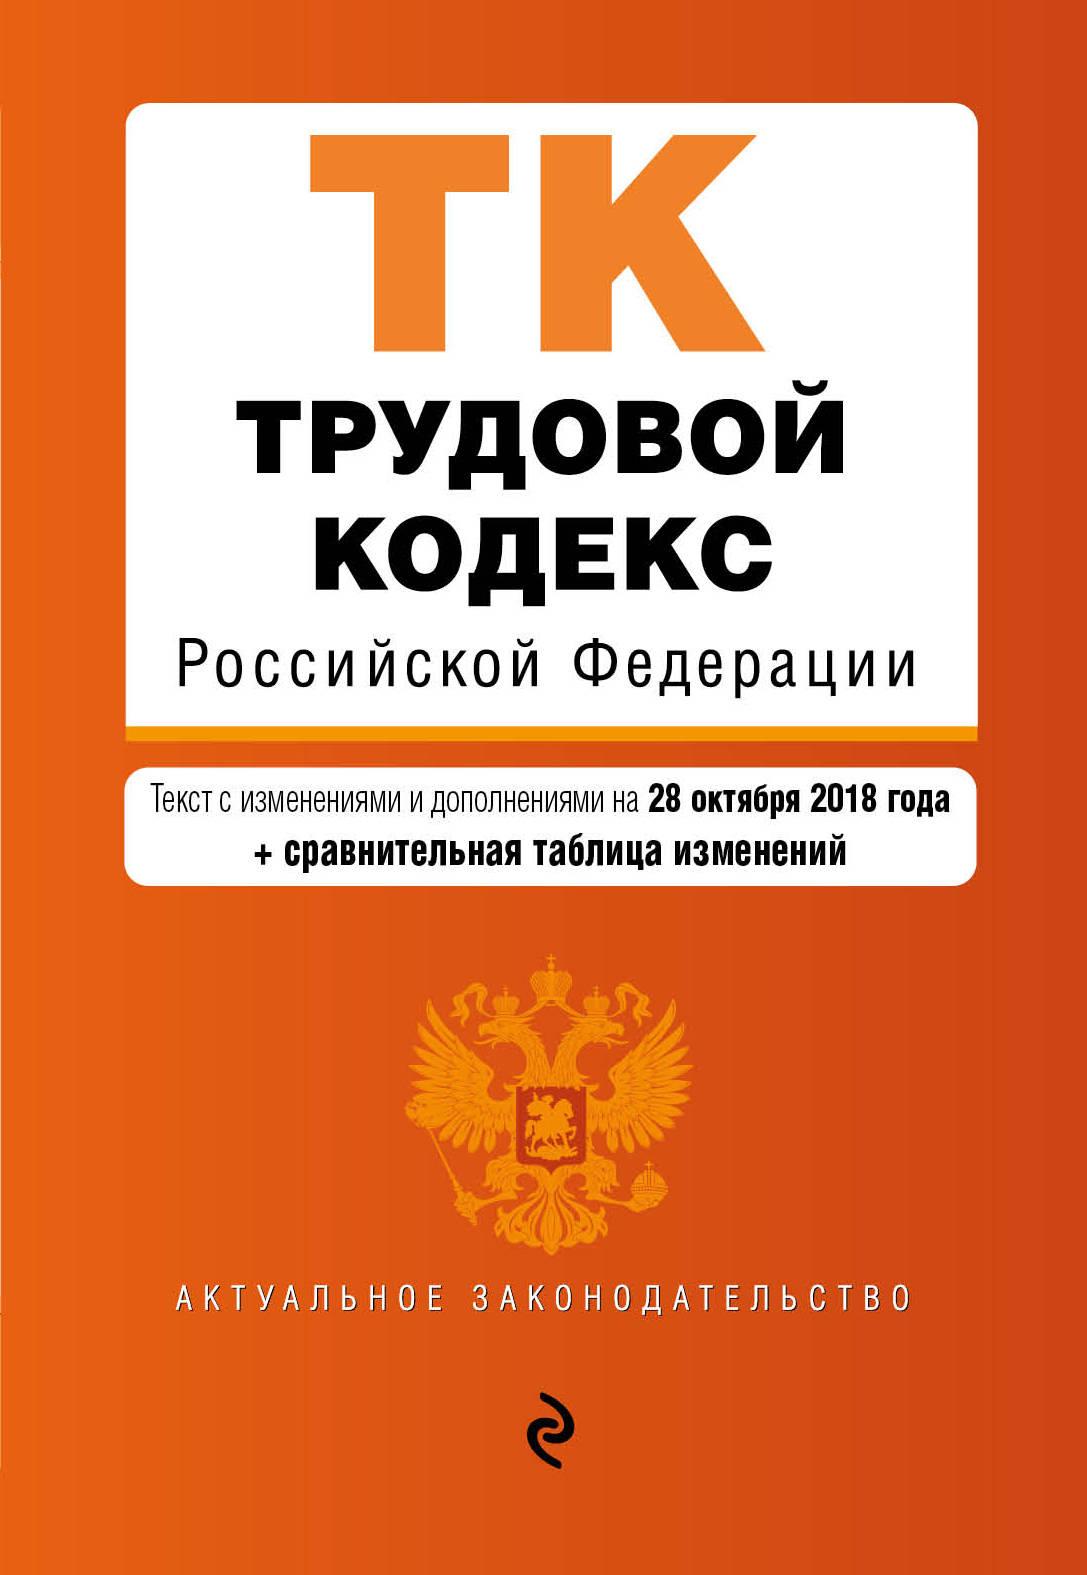 Трудовой кодекс Российской Федерации. Текст с изменениями и дополнениями на 28 октября 2018 г (+ сравнительная таблица изменений)